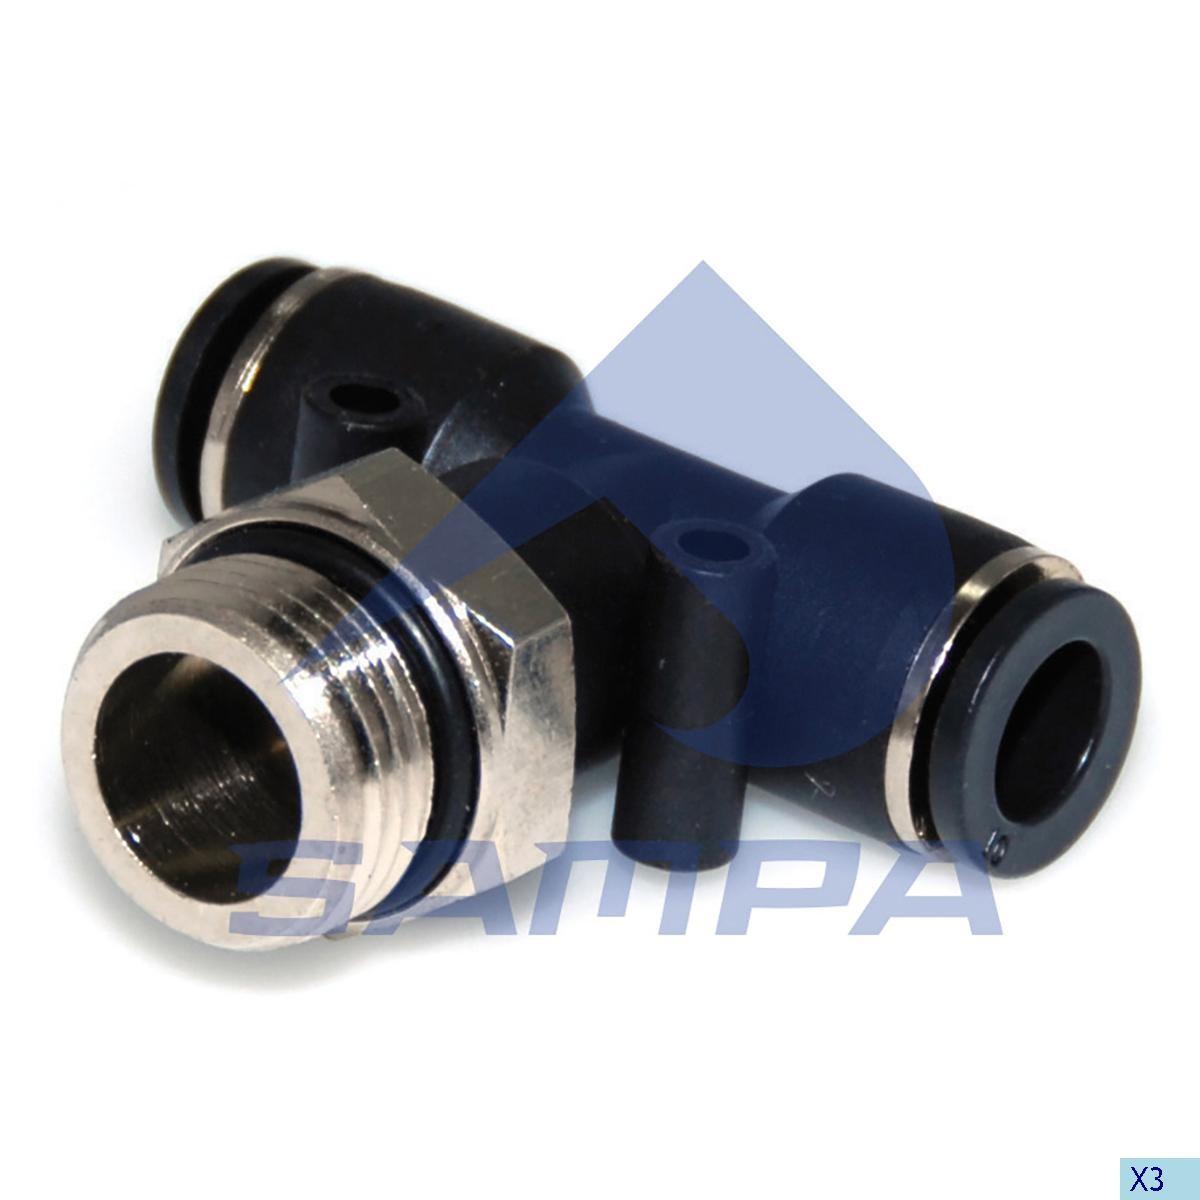 Фитинг металический/пластиковый тройной M22x1.5 10x10 photo